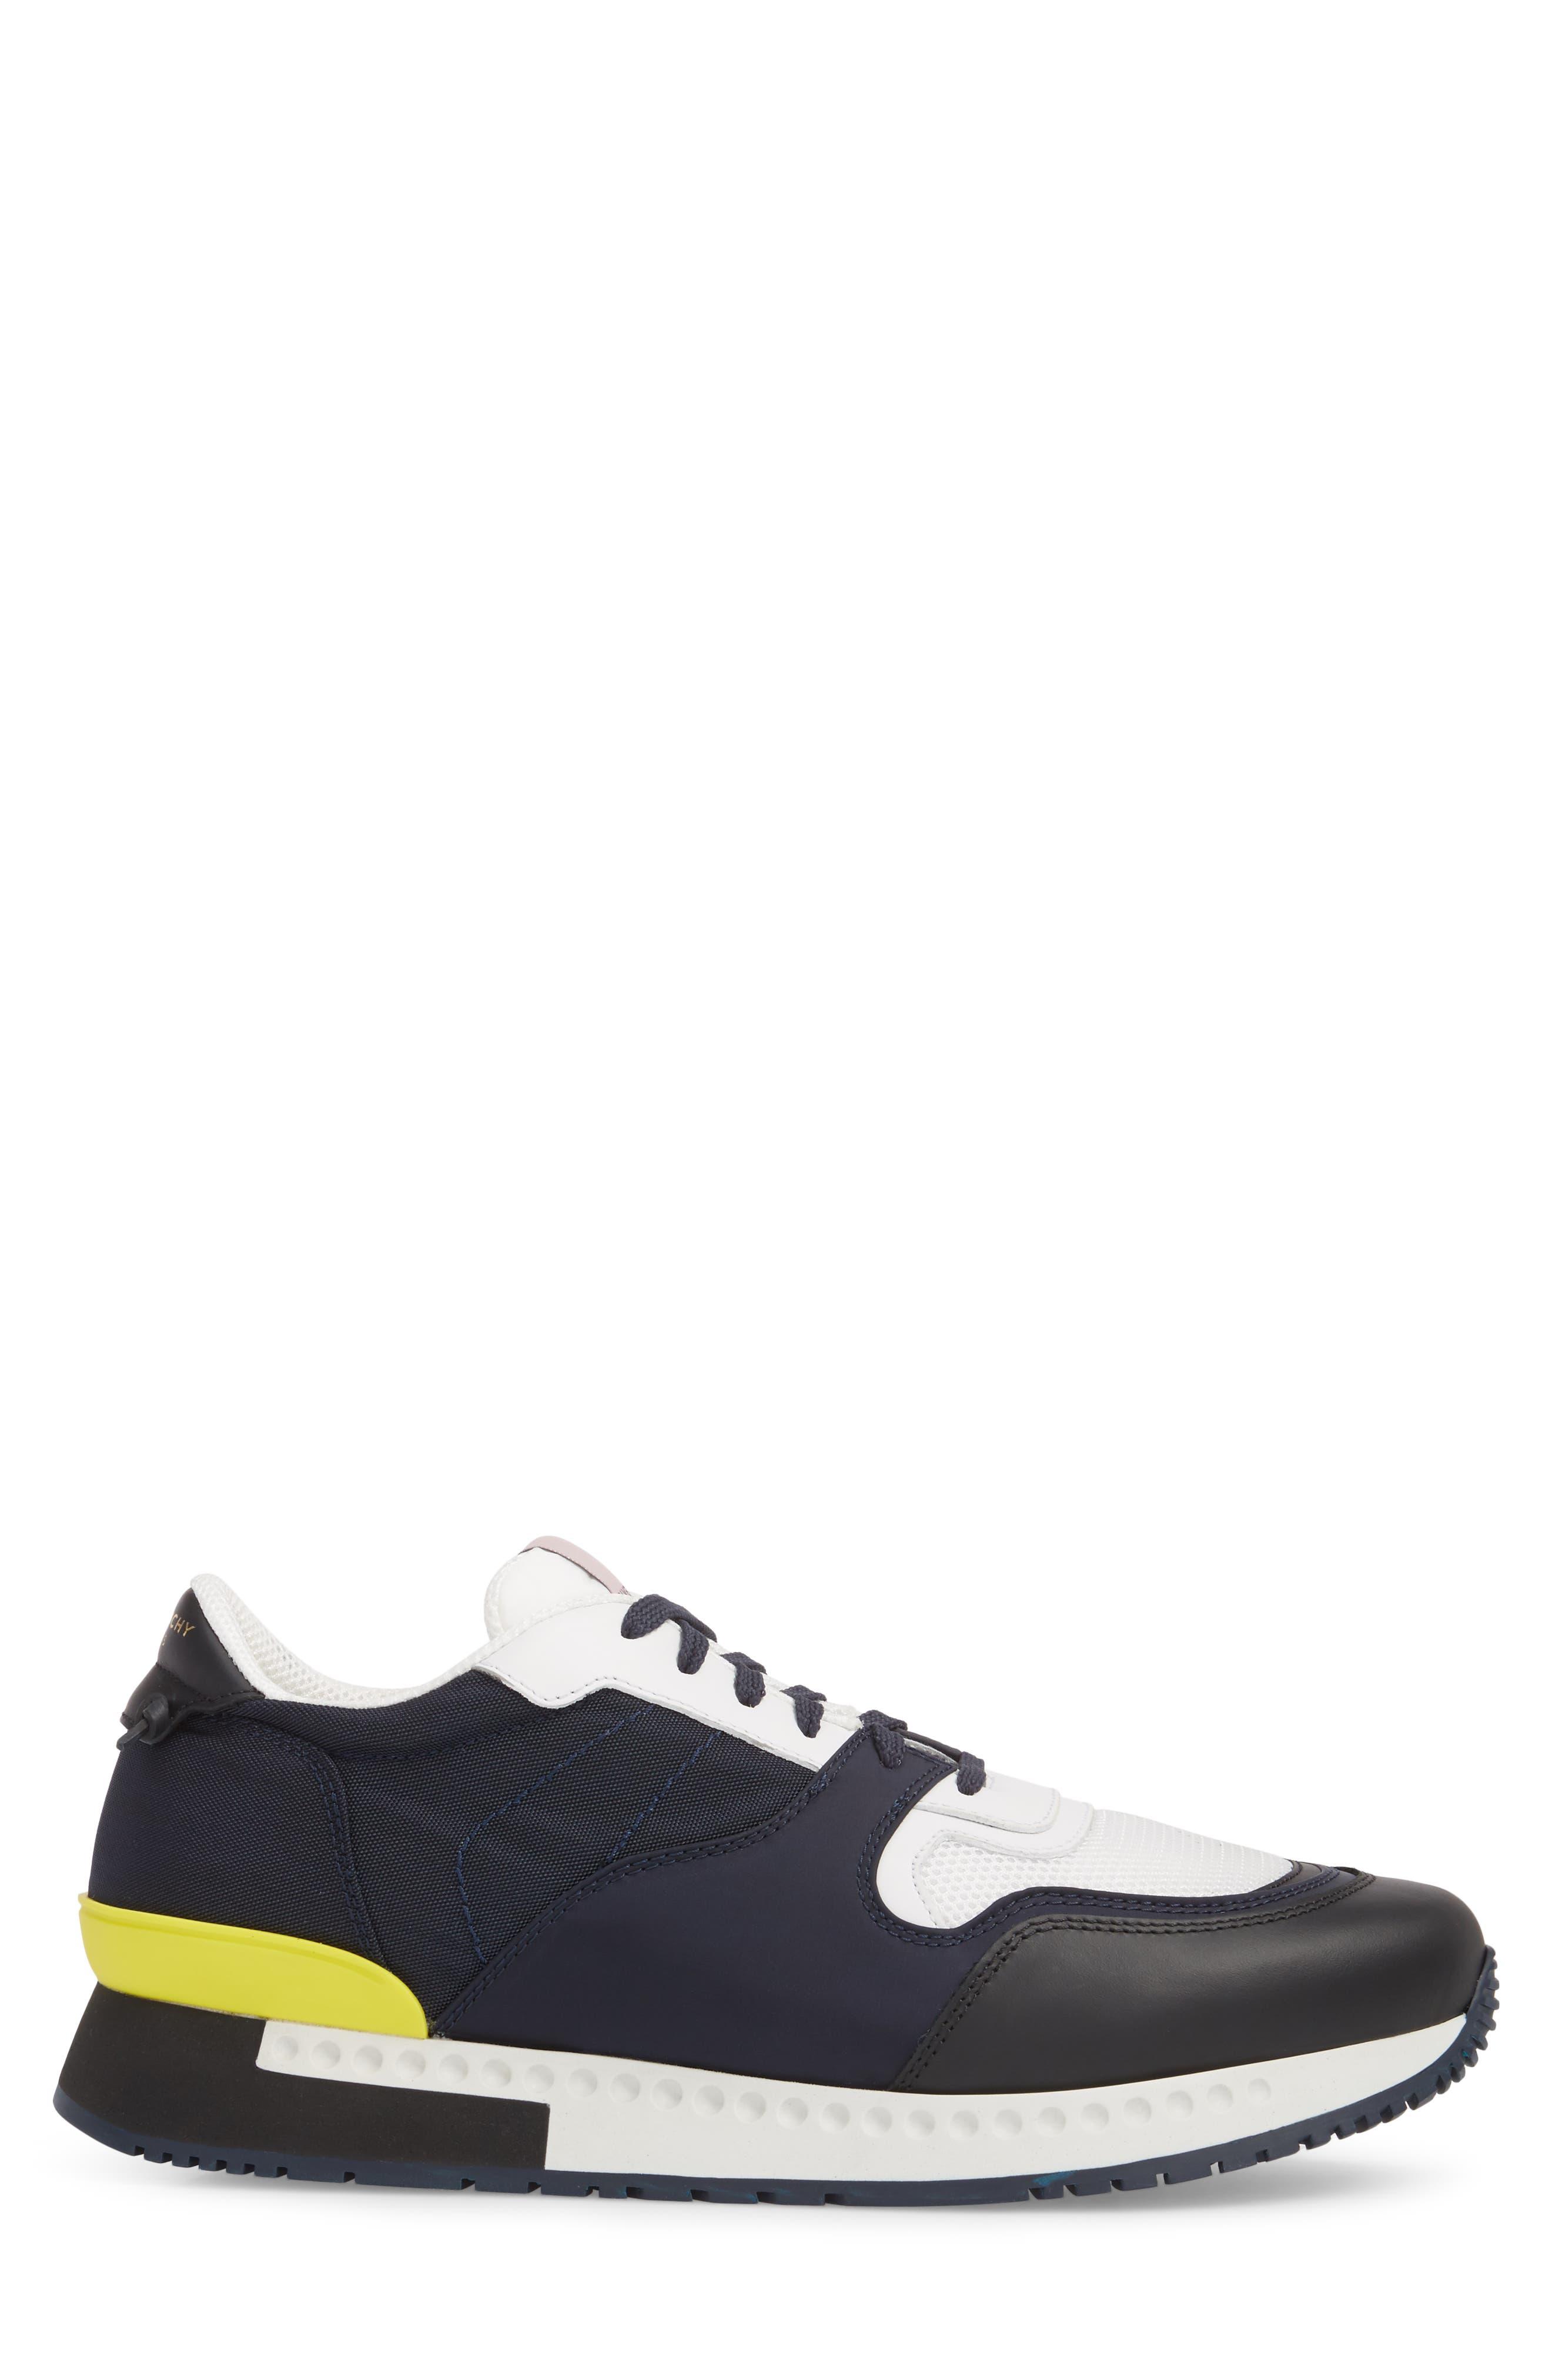 Alternate Image 3  - Givenchy 'Active Runner' Sneaker (Men)